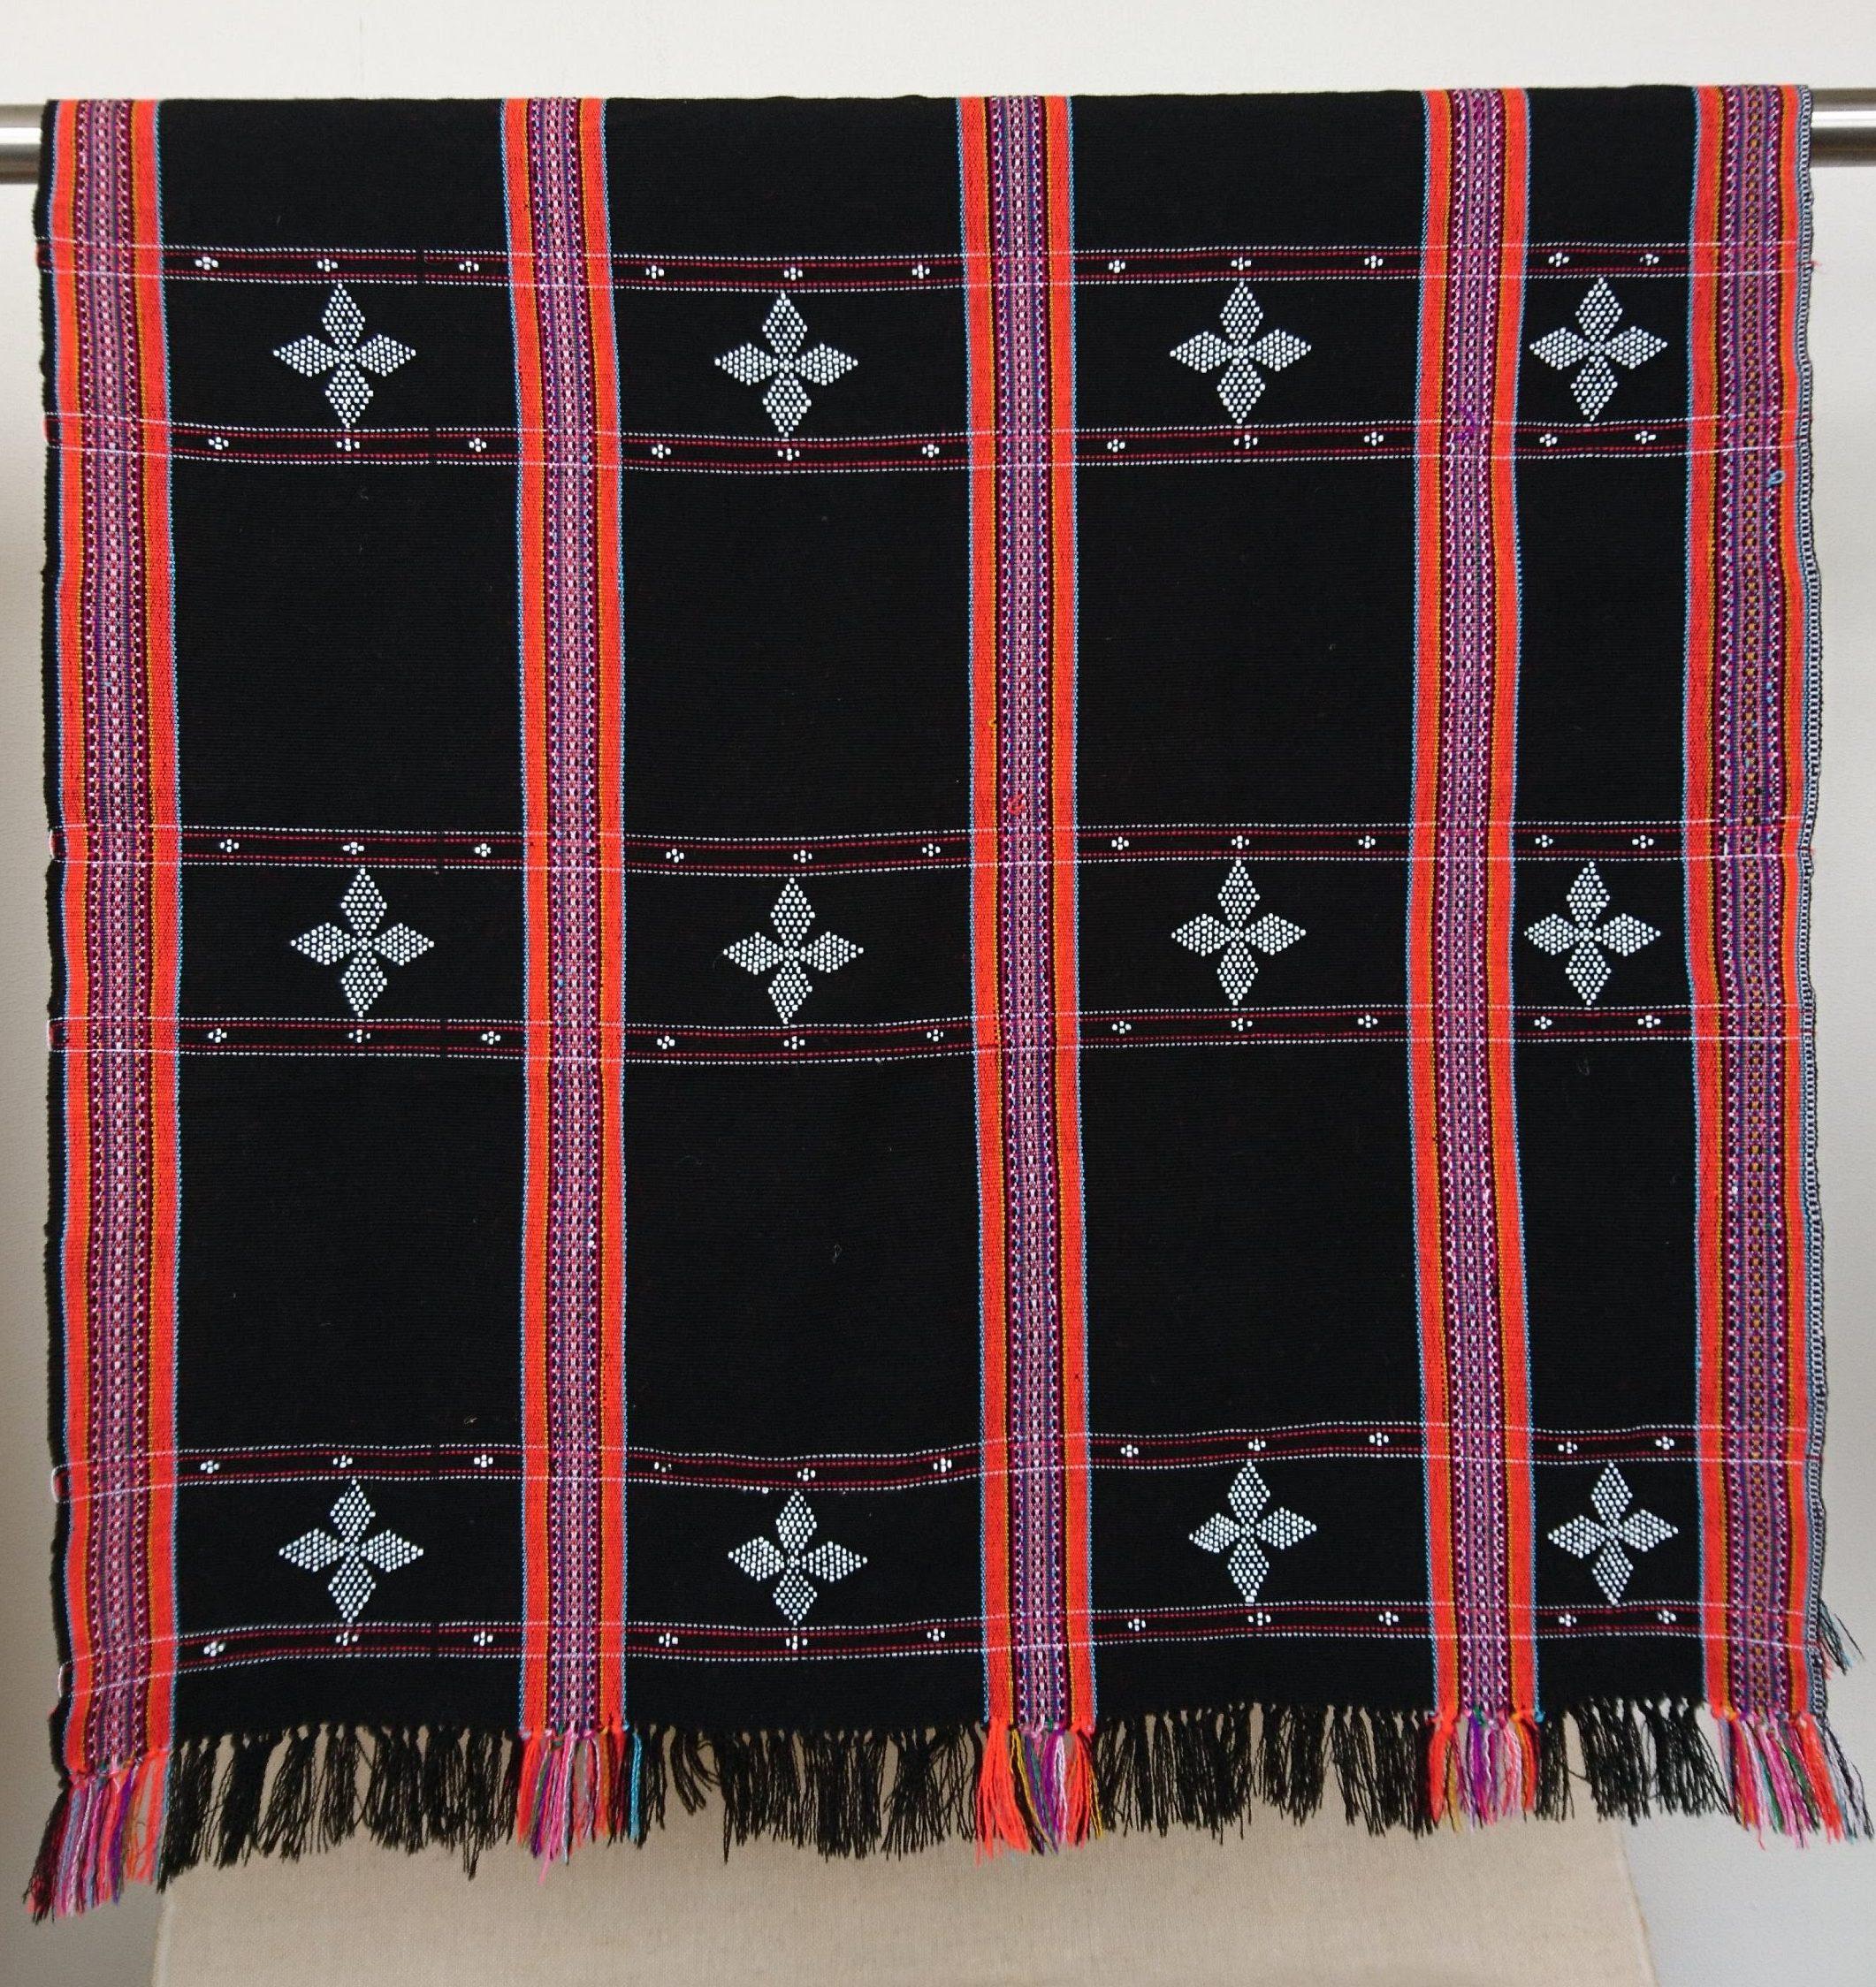 ターオイ族ビーズ入り手織りブロケード (ビーズ・刺繍柄)